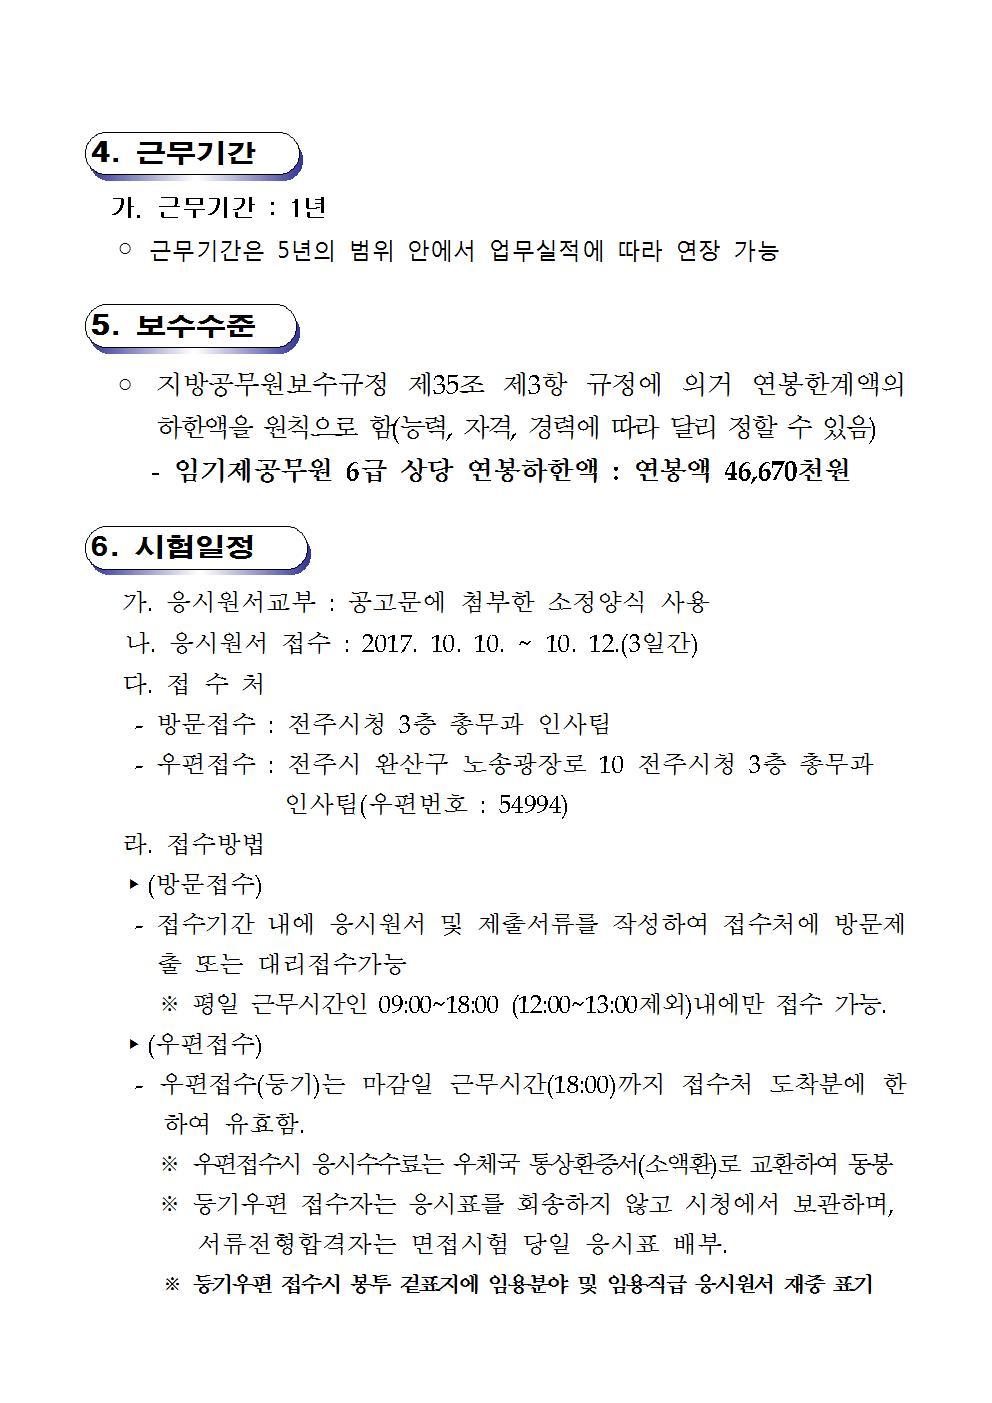 전주시+지방임기제공무원+임용계획+공고(제9회)003.jpg